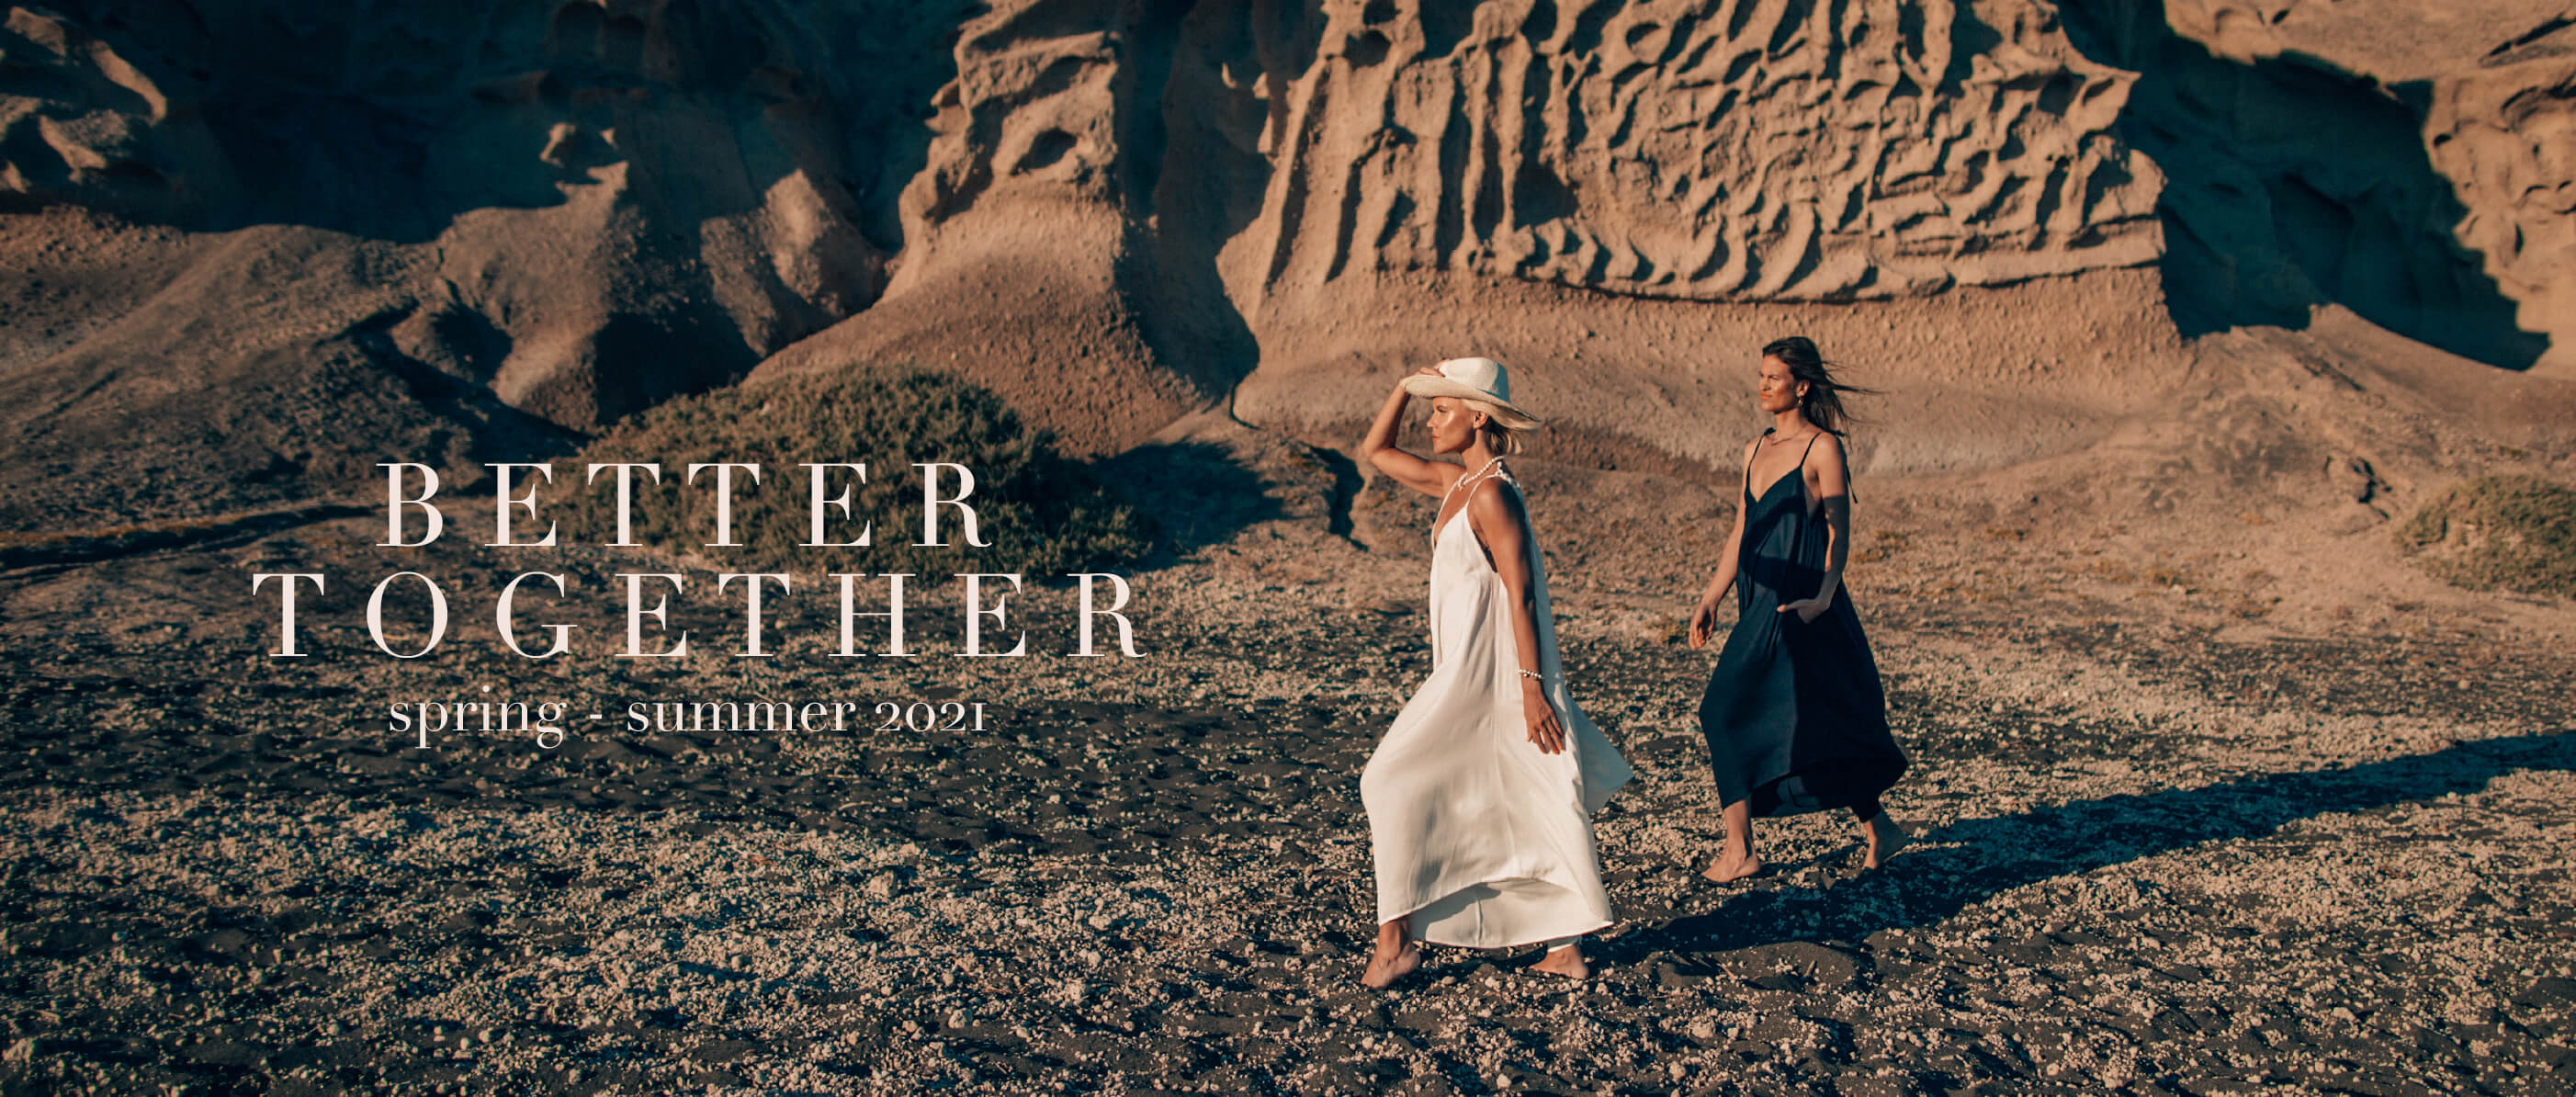 BETTER TOGETHER SS21 SUMMER SPRING